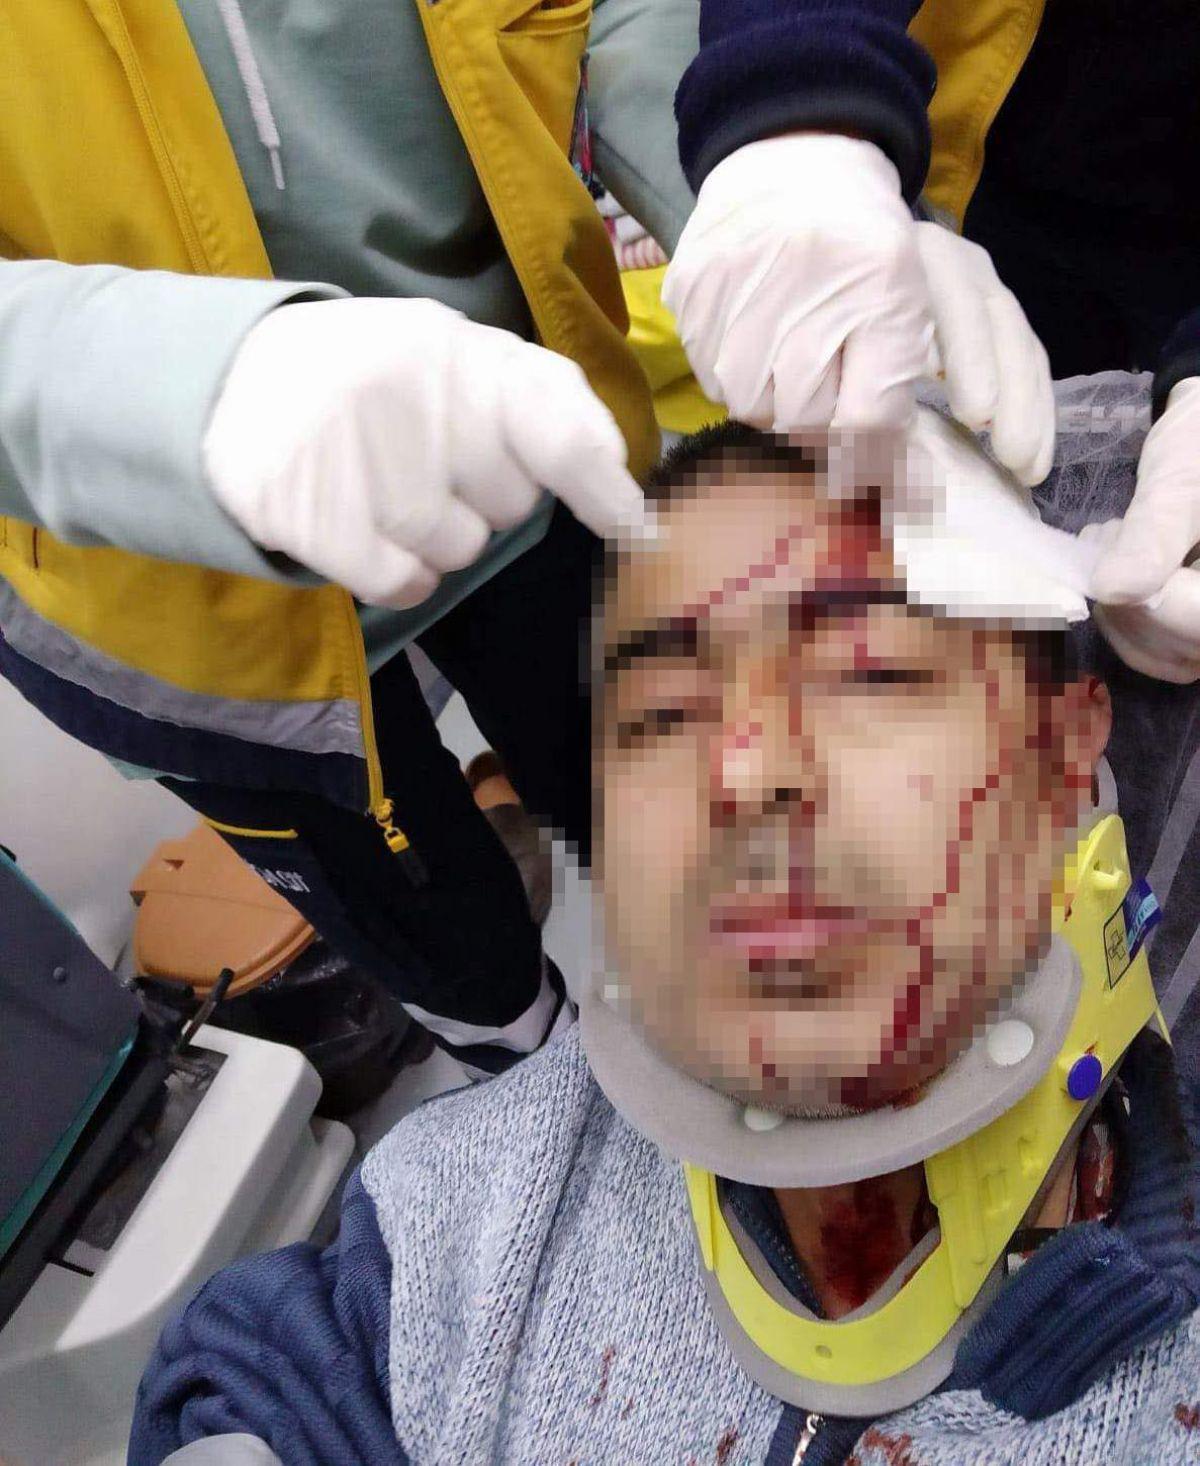 Amasya da imam, kendisini uyaran müezzine saldırdı #2